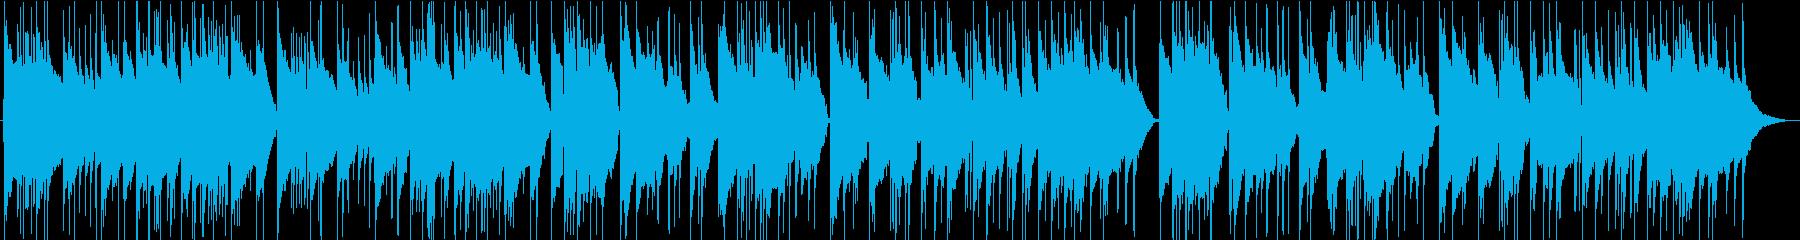 バッハ「リュート組曲第1番」よりの再生済みの波形